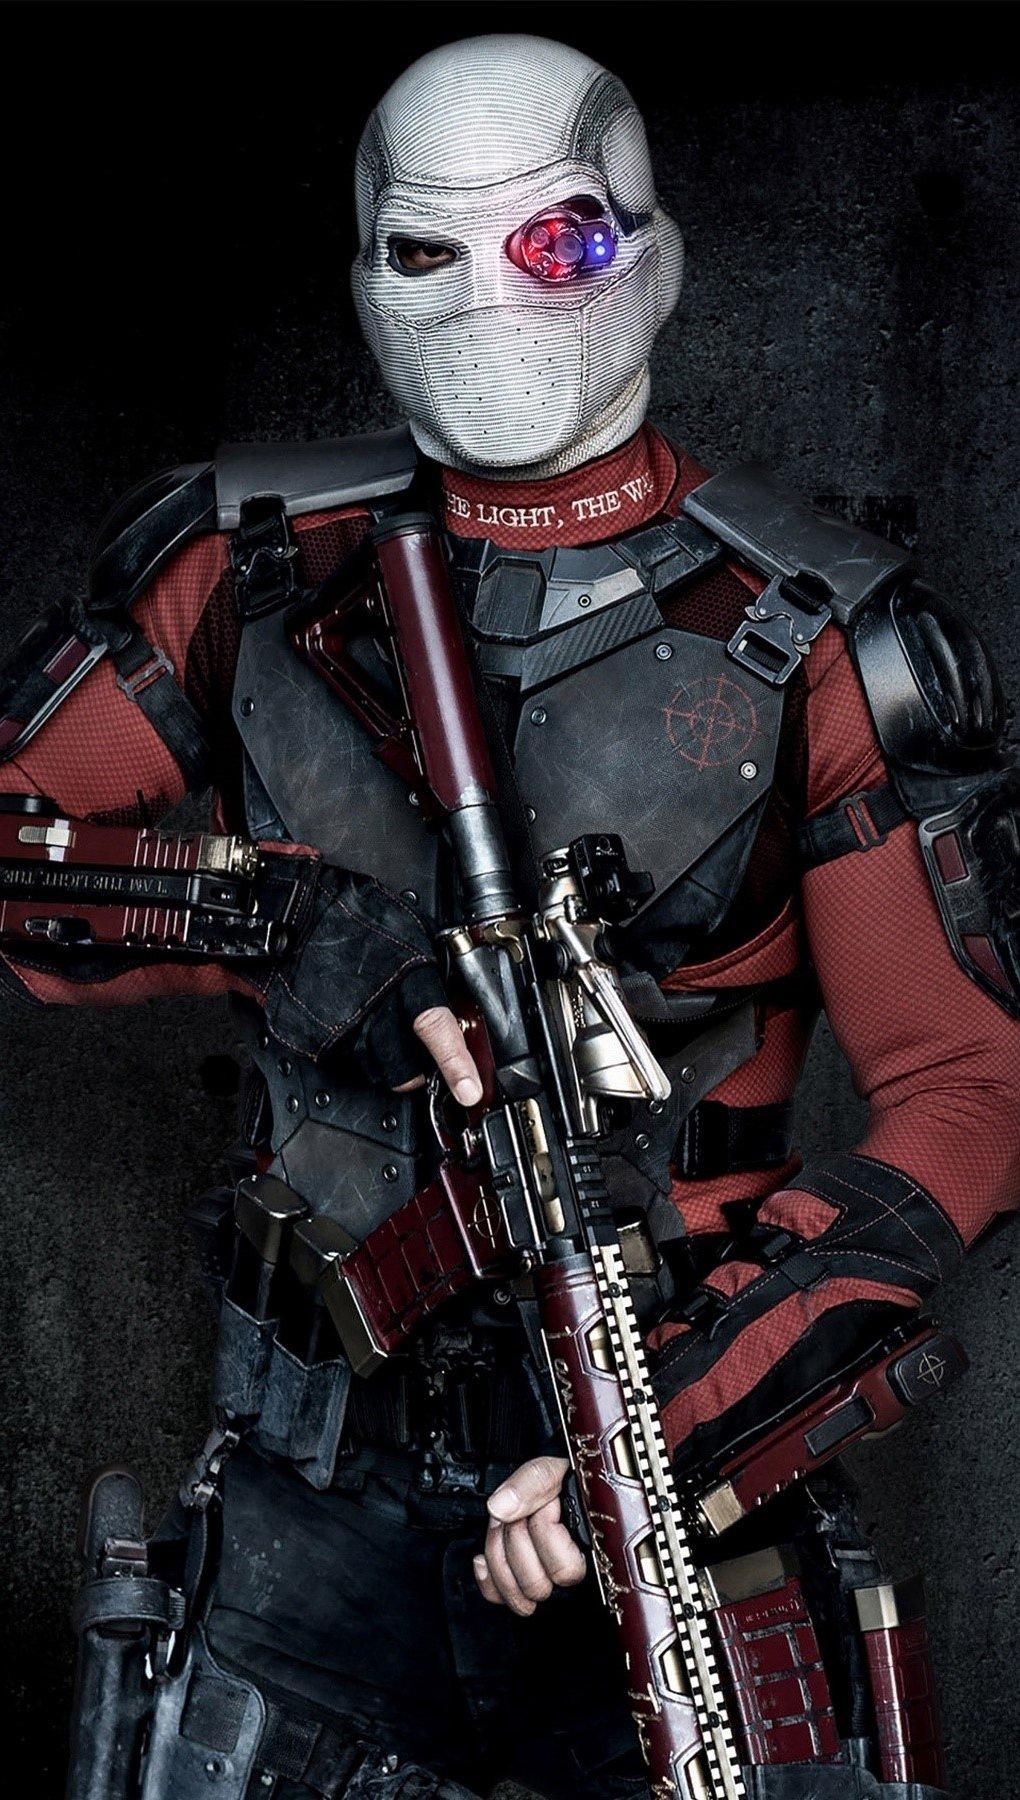 Fondos de pantalla Will Smith en Suicide Squad Vertical